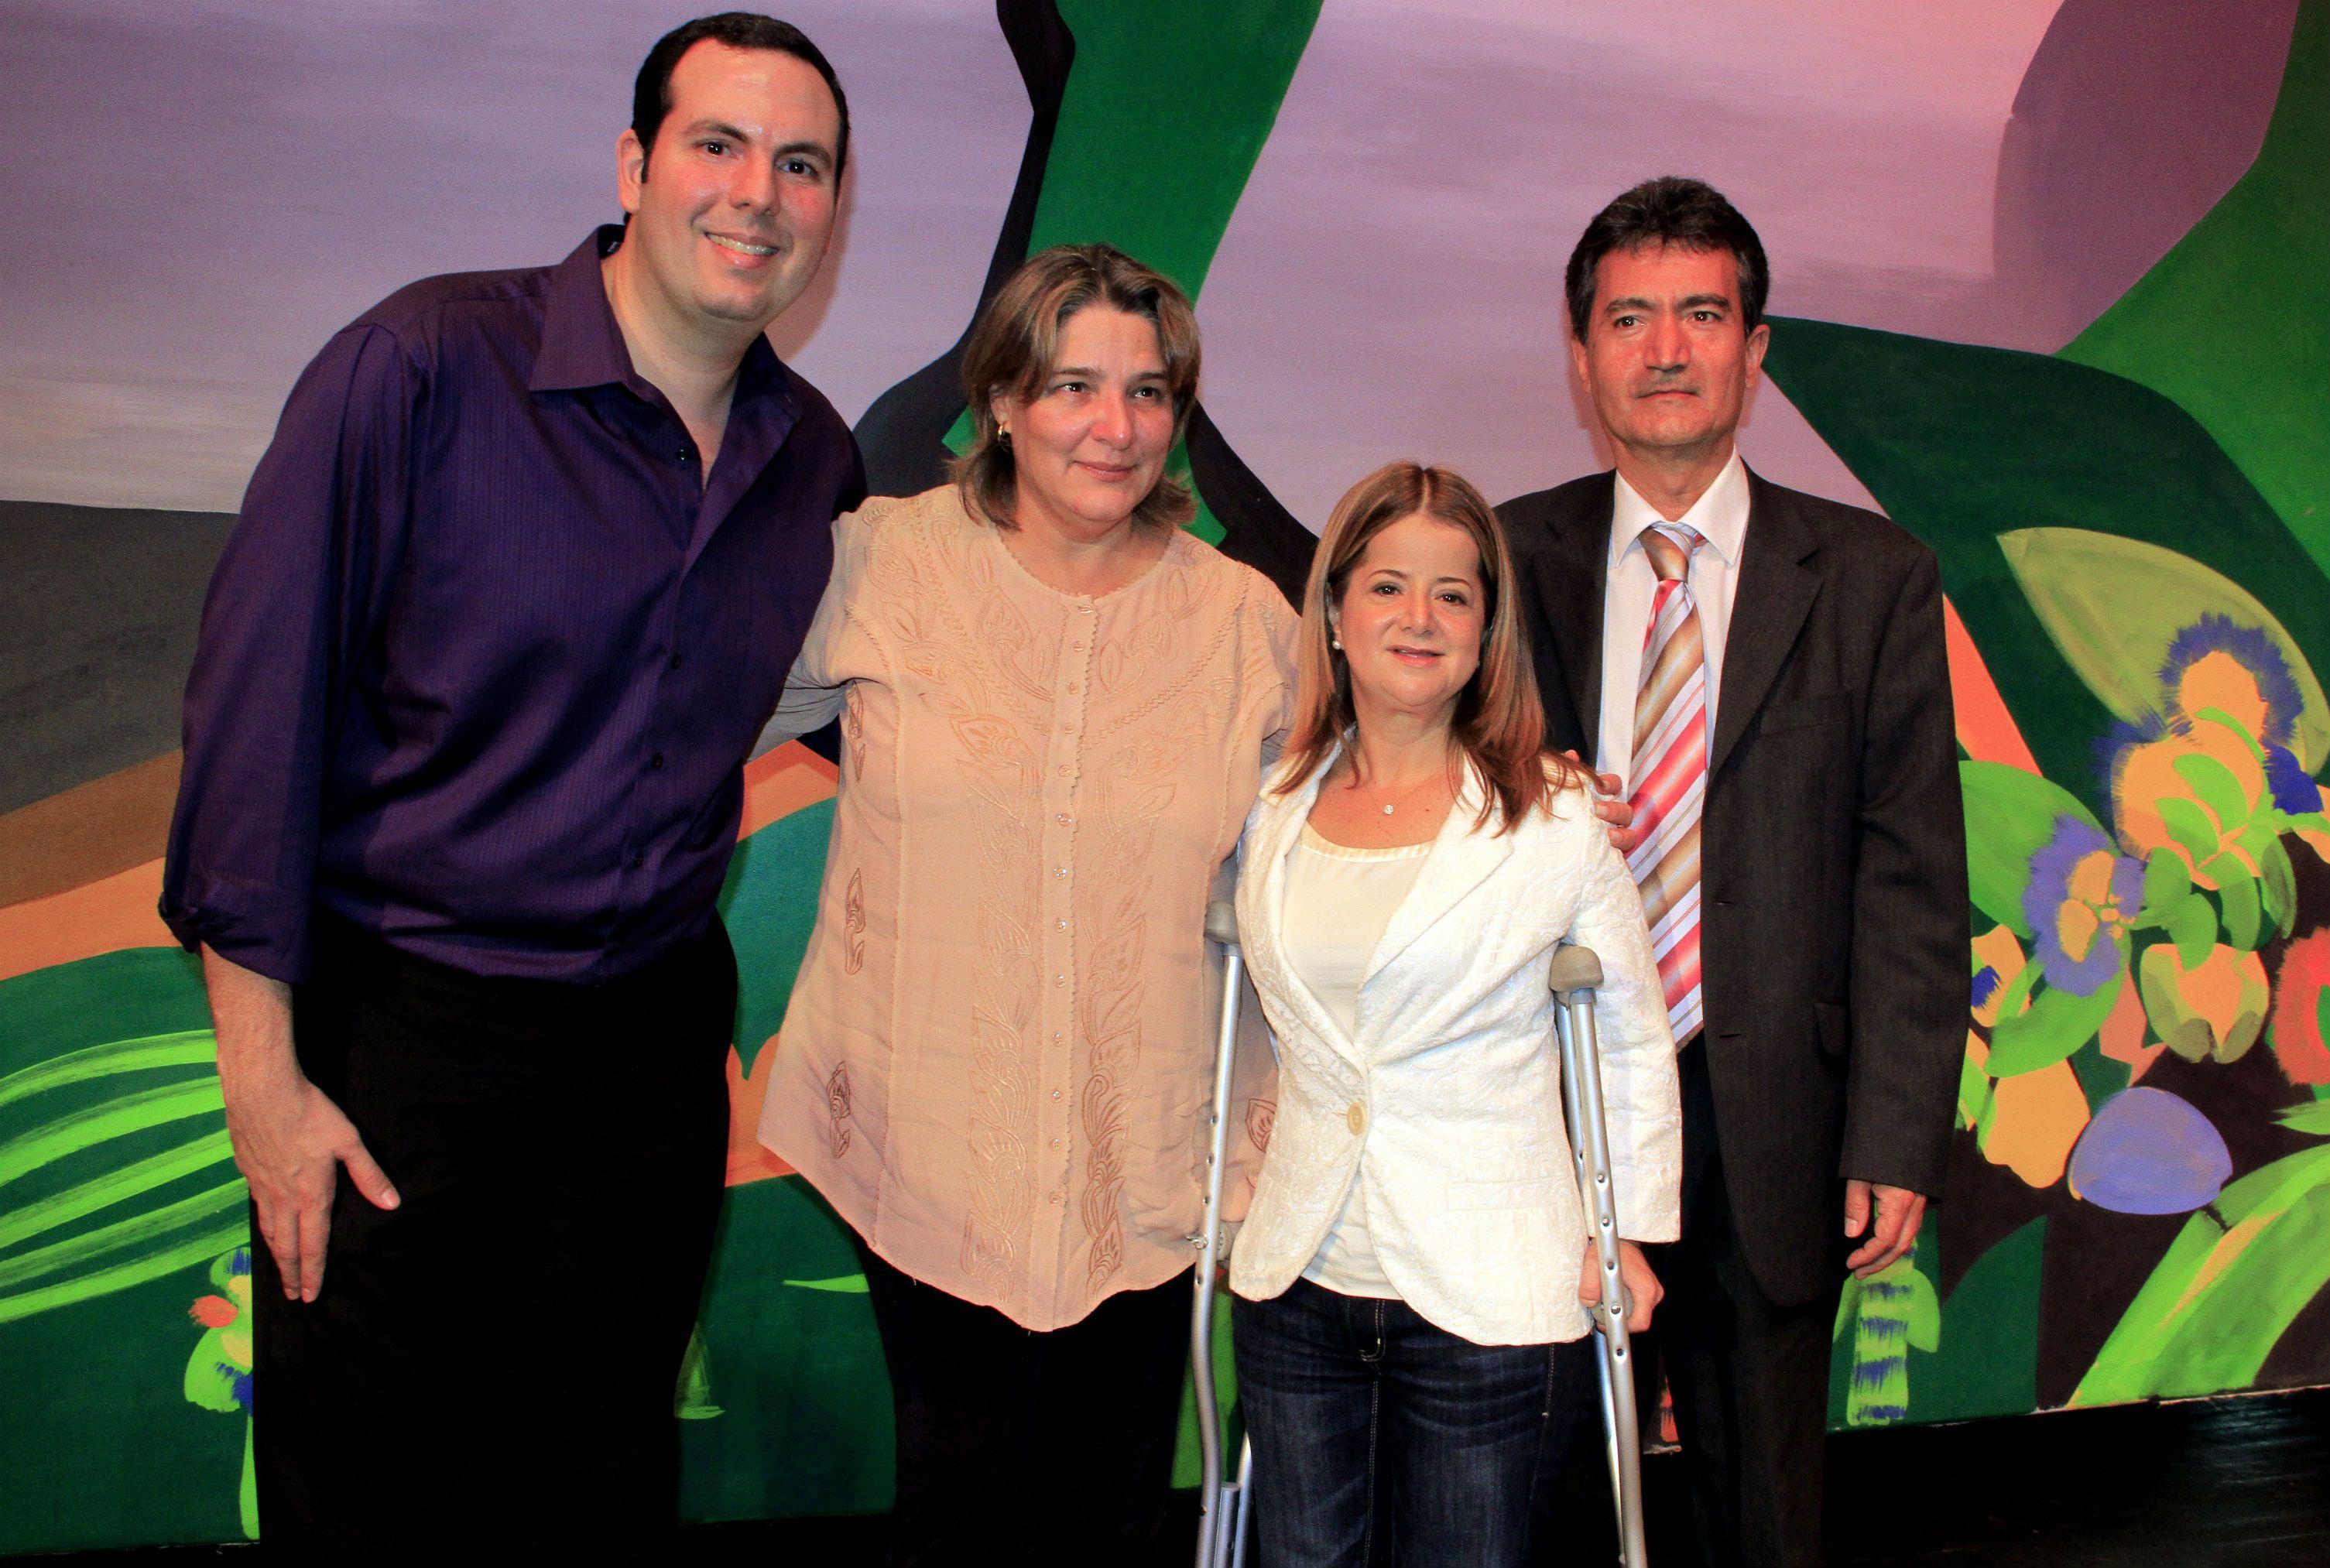 #saborquillero Los aliados de Barranquilla: Ministra, alcaldesa, y representantes sector cultura.